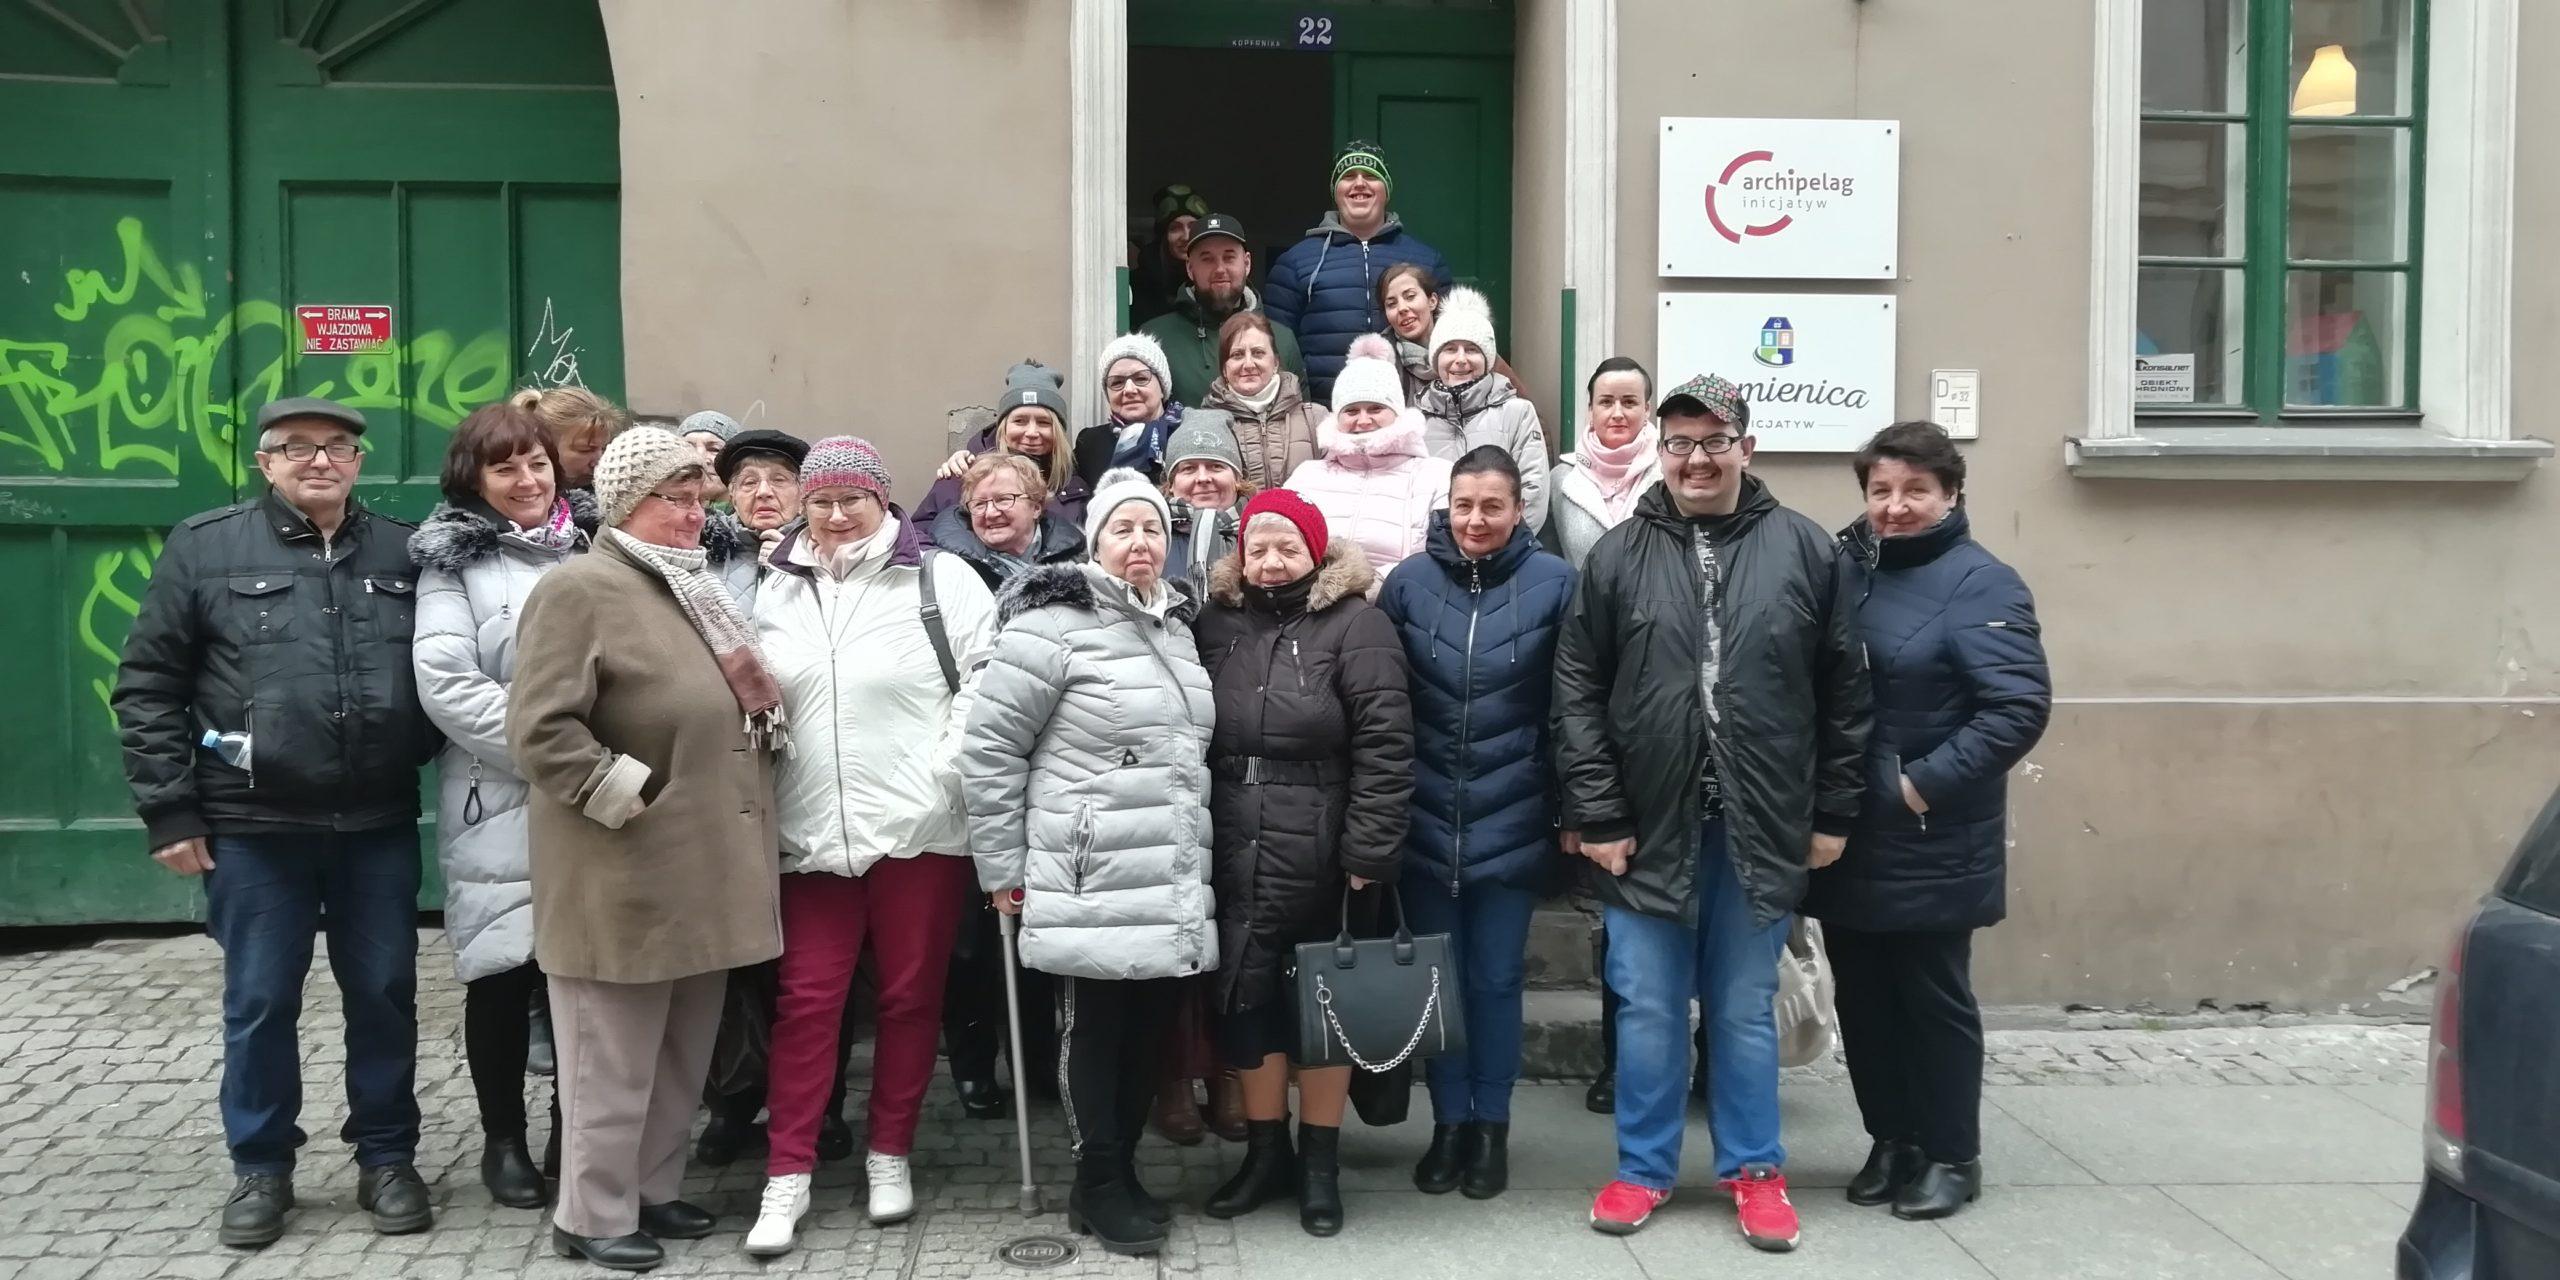 Liderzy z wizytą w Toruniu